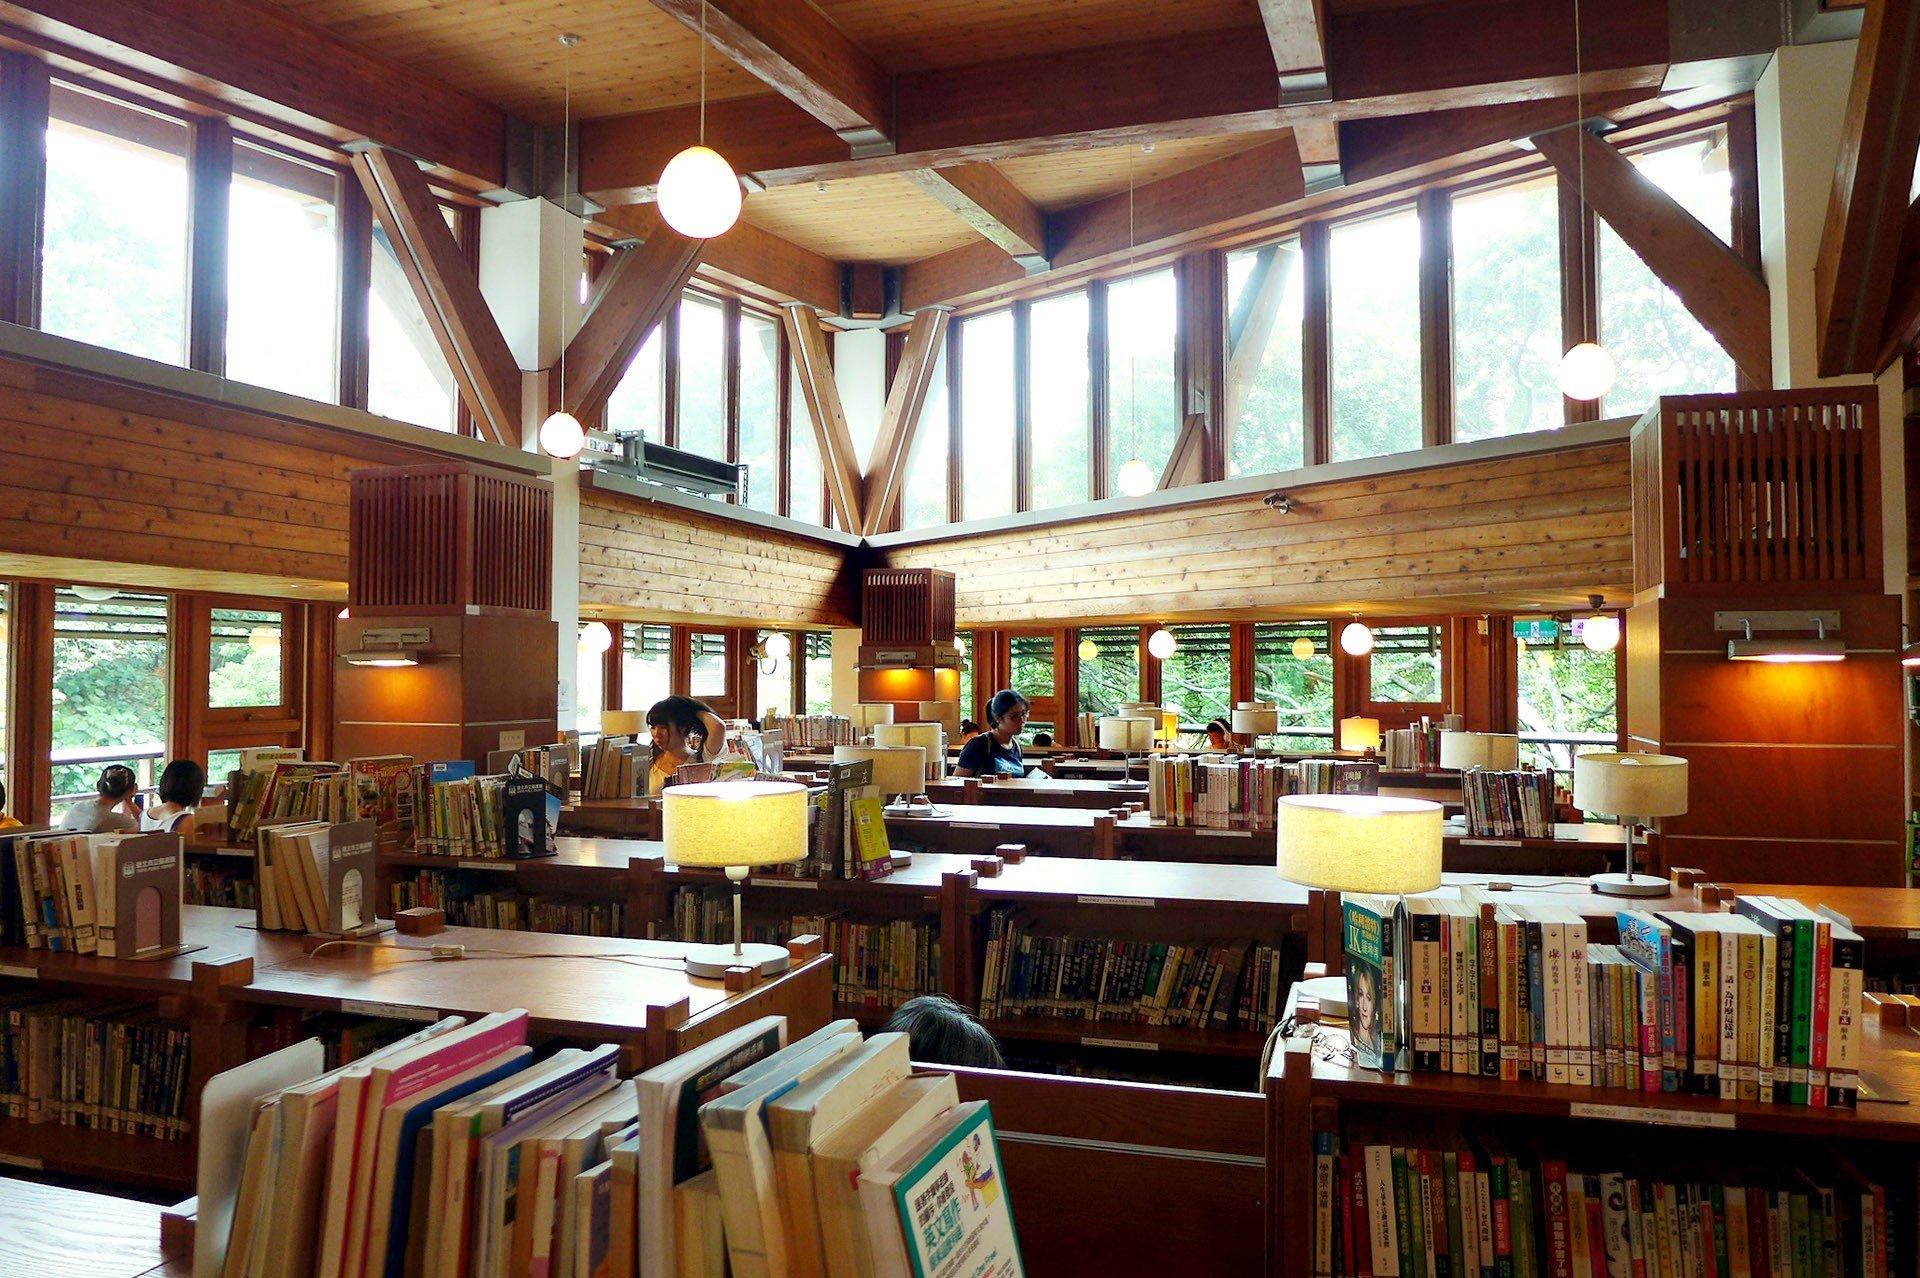 Taipei Public Library Beitou The Gaia Hotel Taipei Taiwan